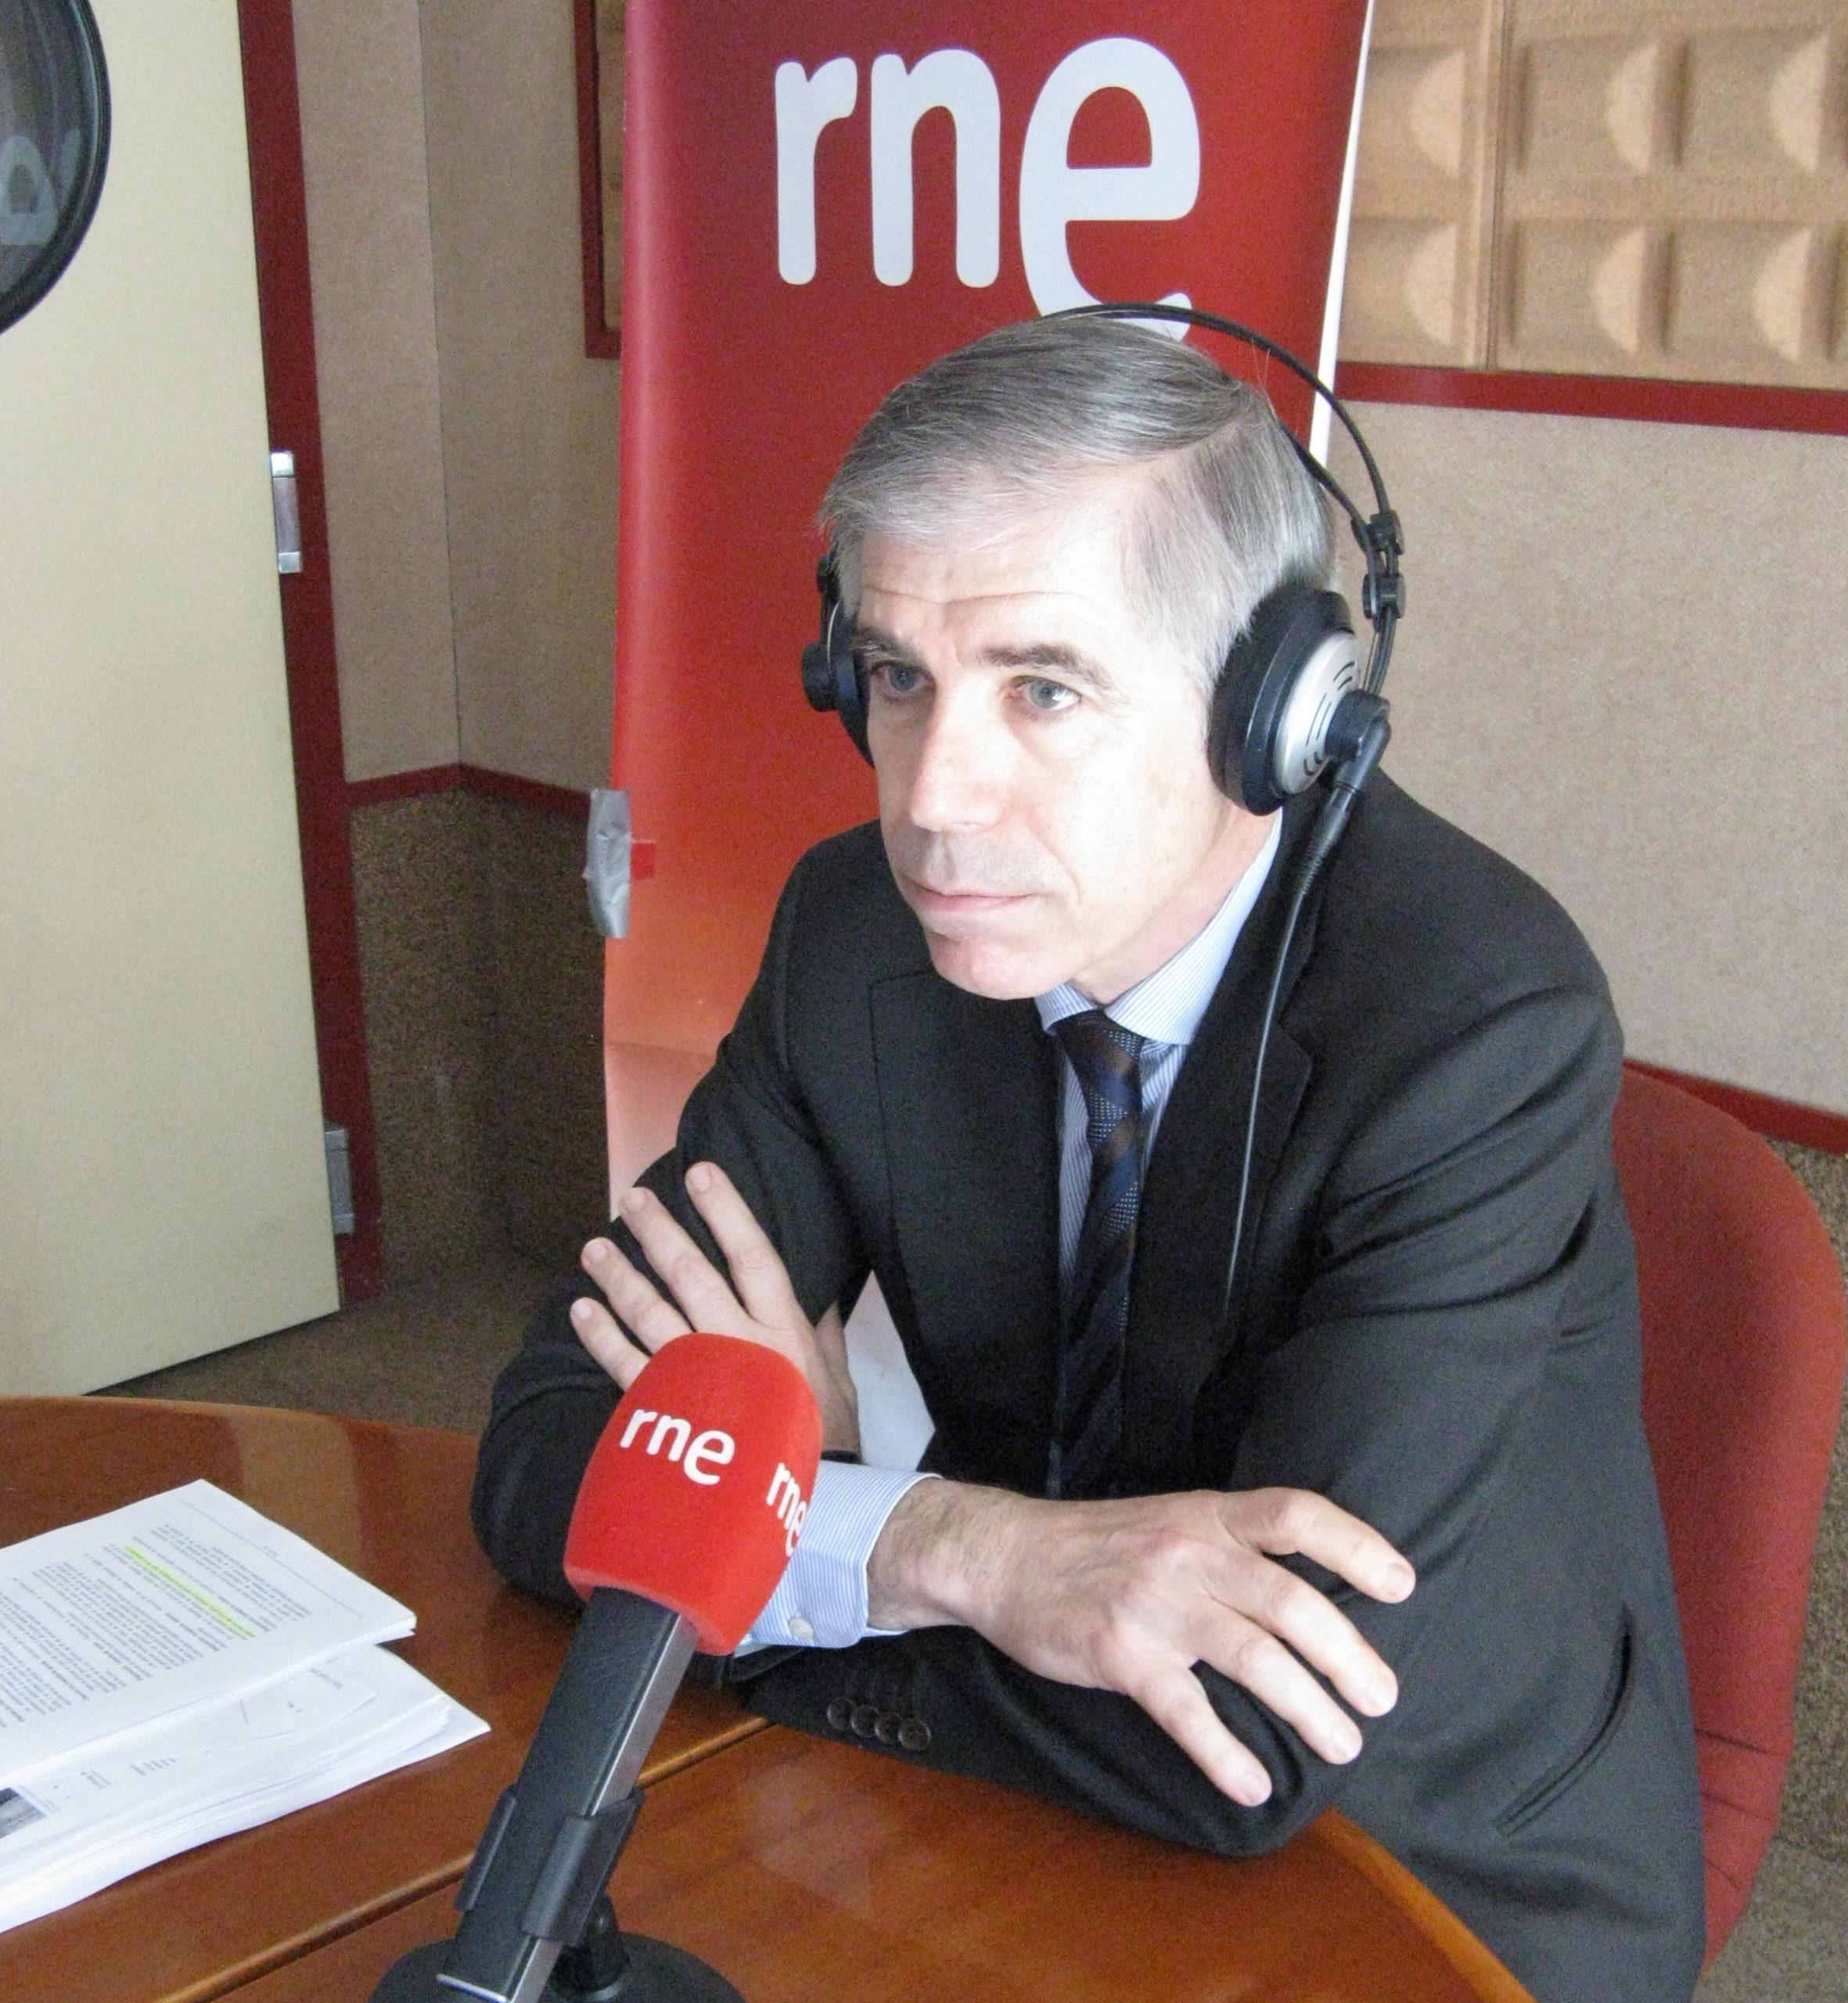 CÓMO EVITAR EL BLOQUEO DE LAS CUENTAS. RICARD TORRES EXPLICA EN RNE ESTA MEDIDA BANCARIA